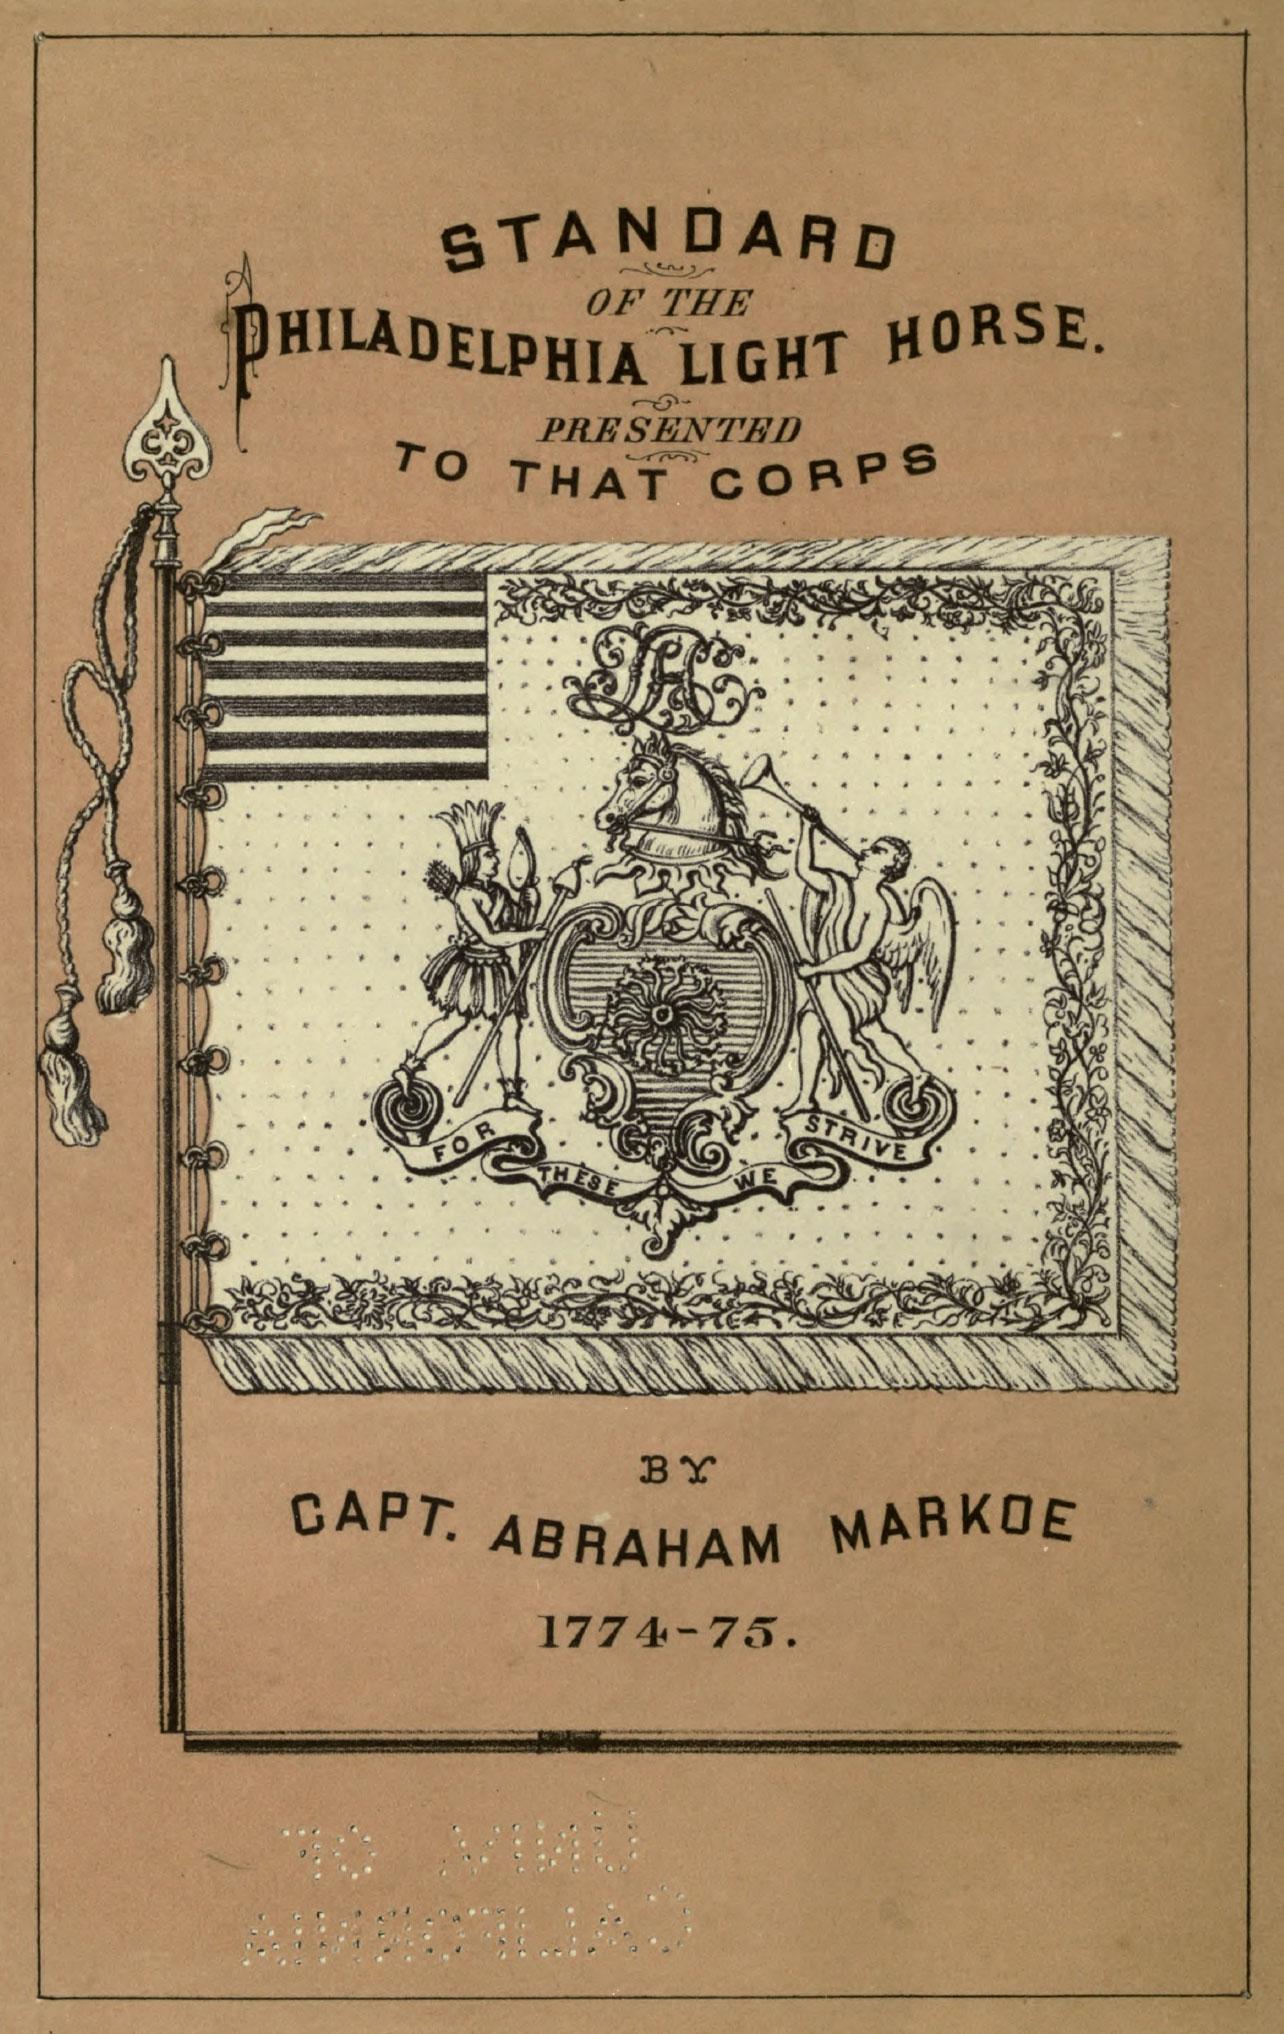 History or the Philadelphia Light Horse Flag